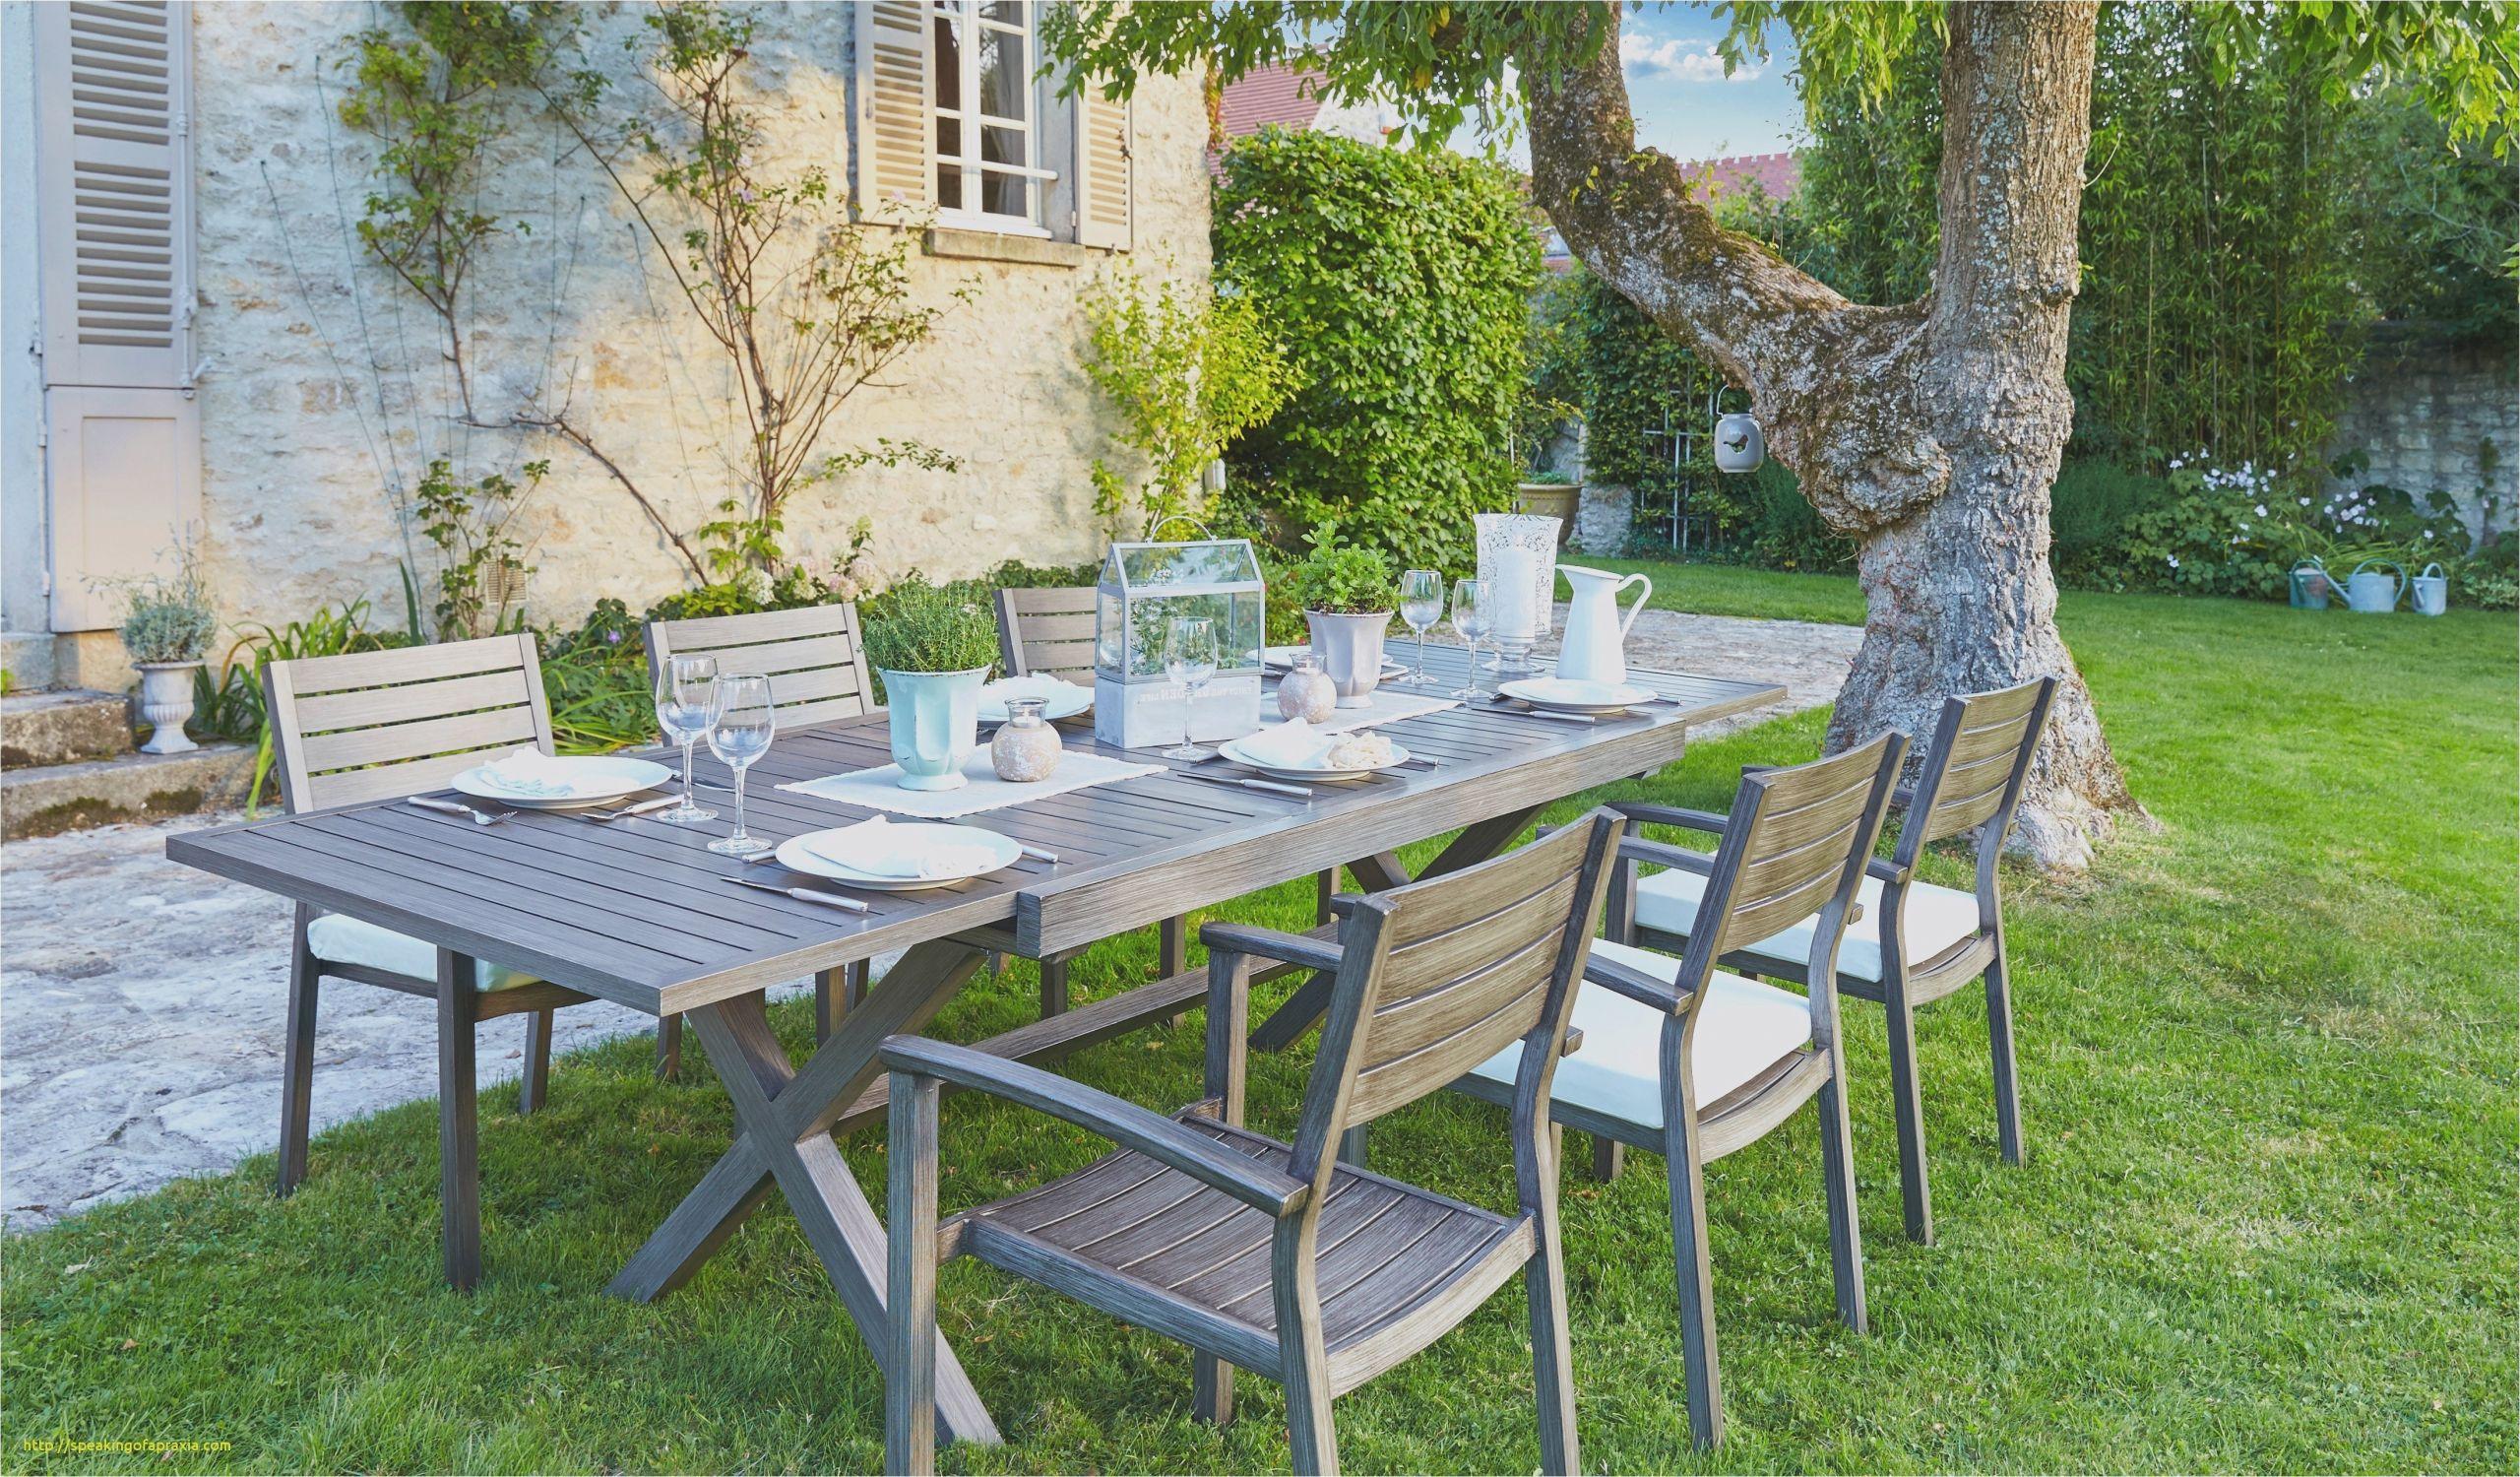 40 Inspirant Table Exterieur Carrefour | Salon Jardin concernant Tonnelle De Jardin Pas Cher Carrefour